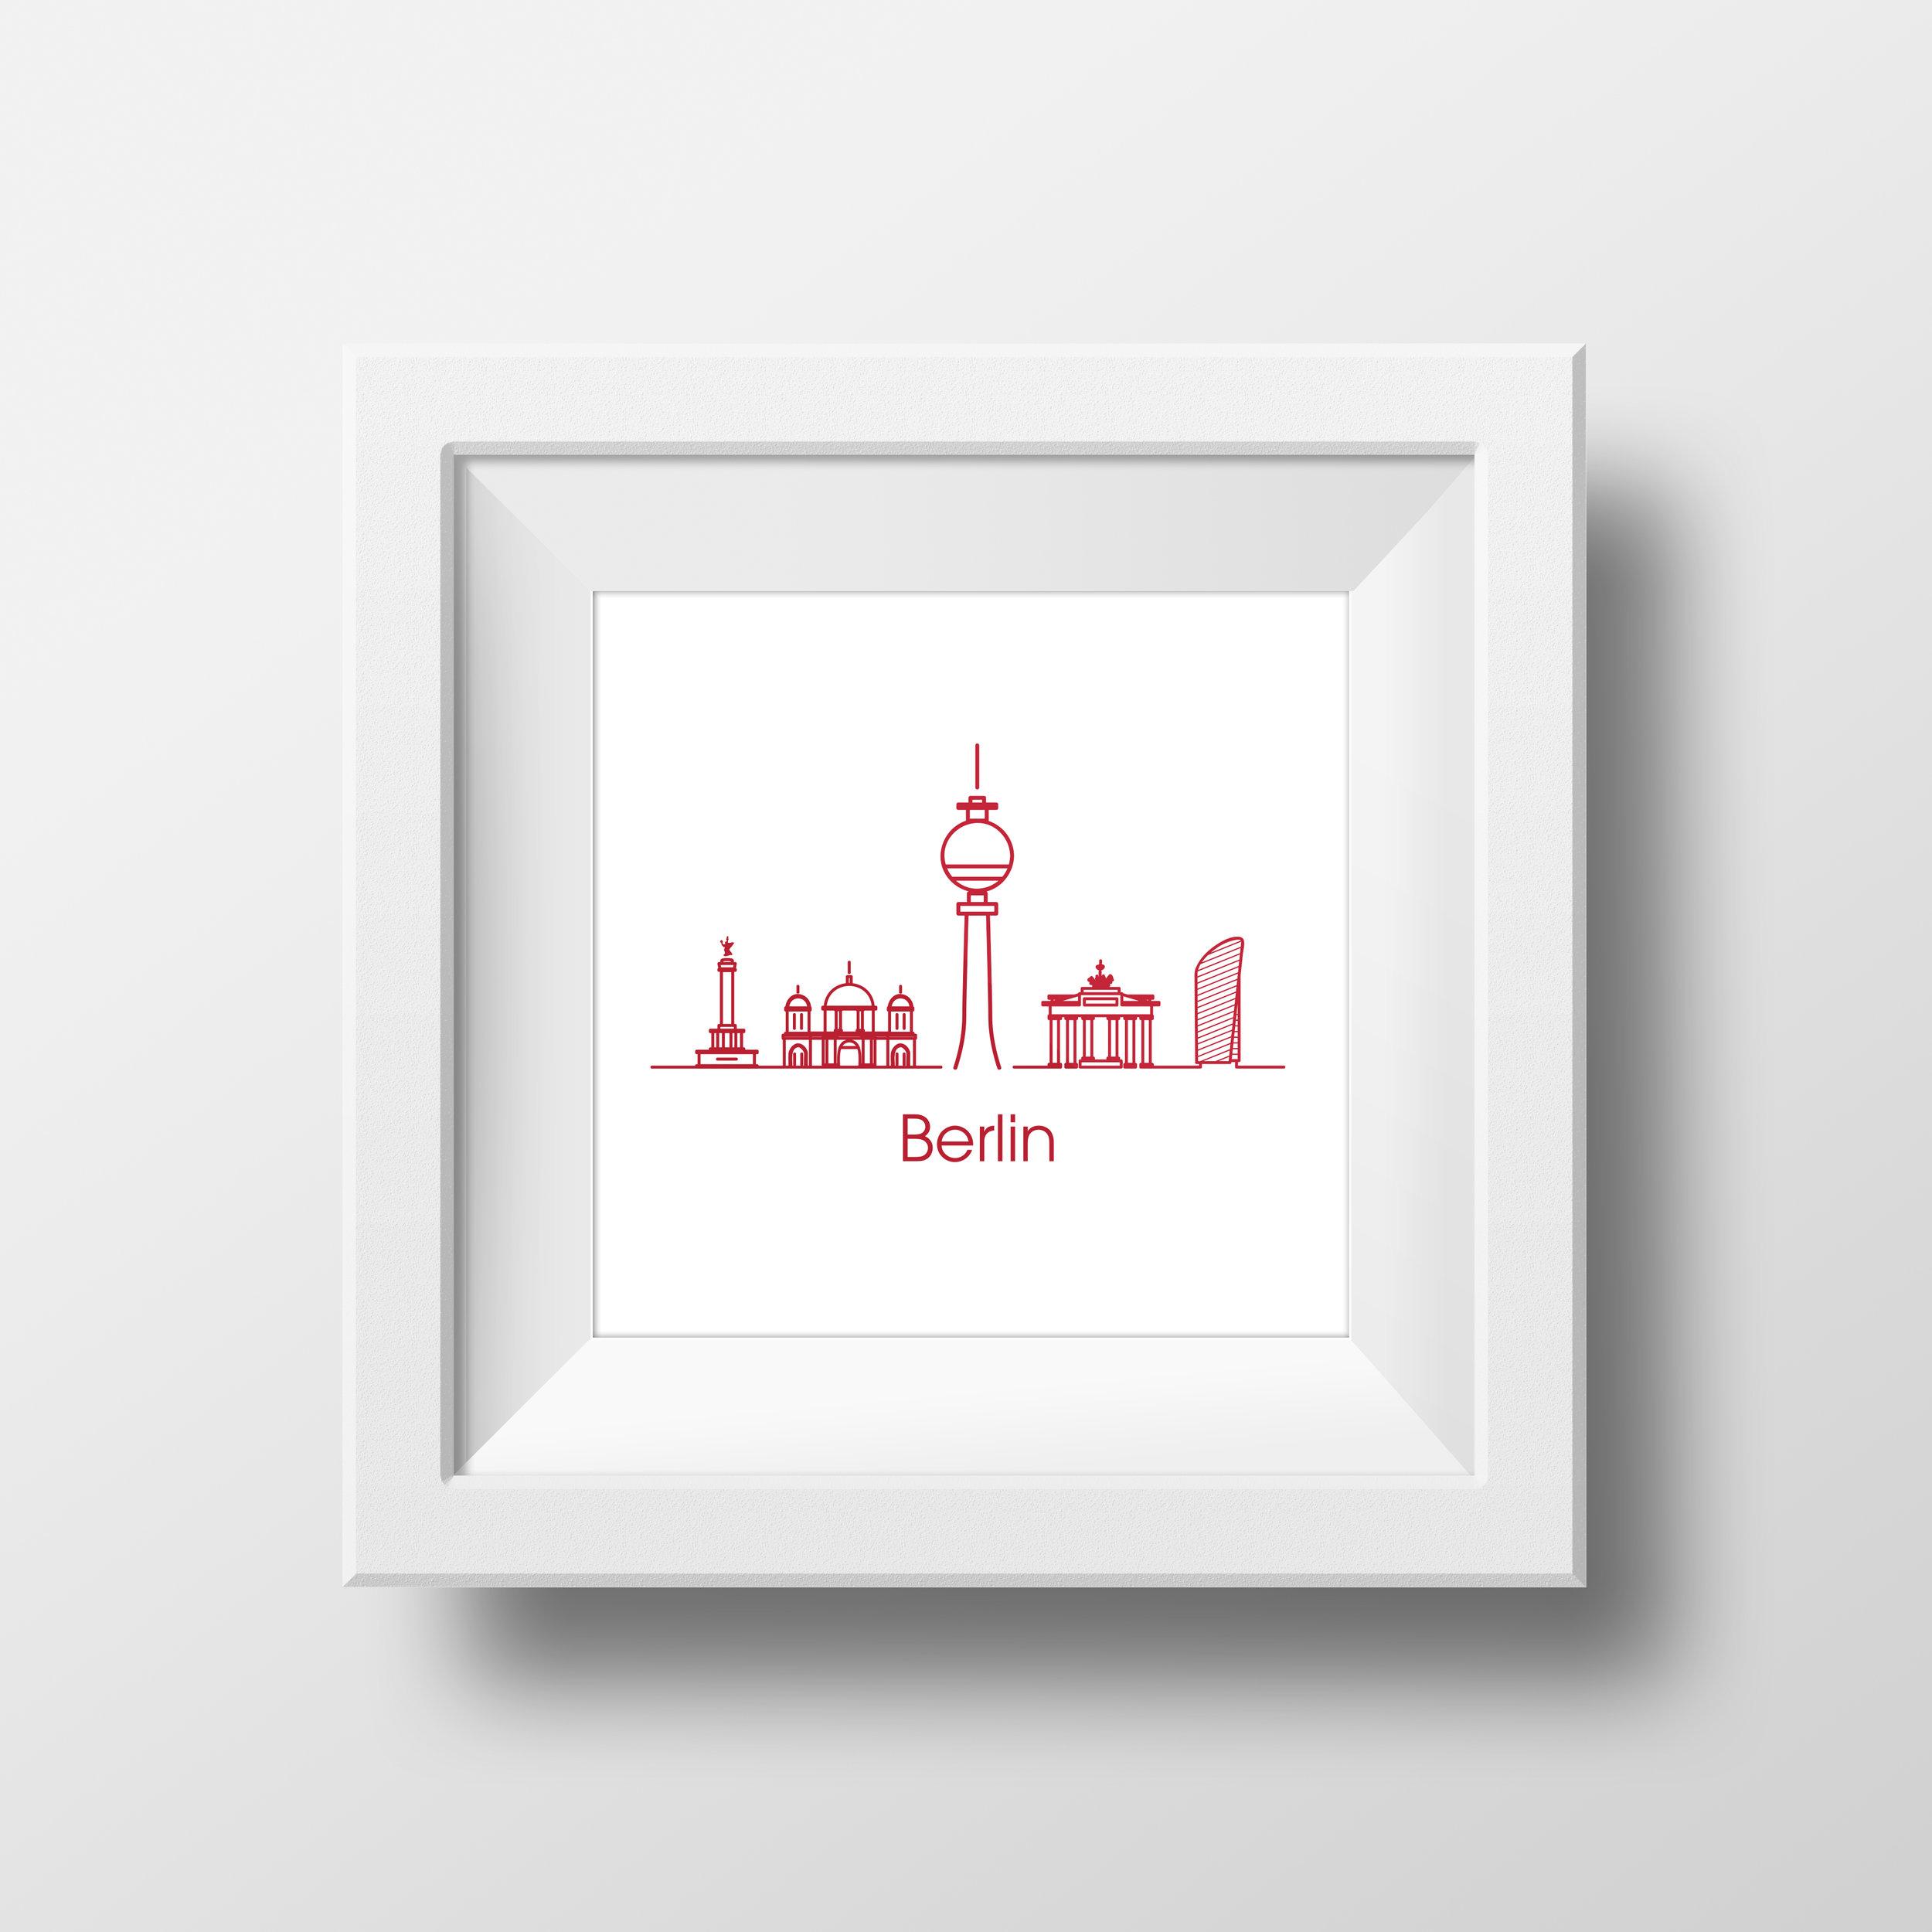 Aladdin_AveoWaterBottle_Berlin_01-Mocks-Up-Frame-Sbd-copy.jpg